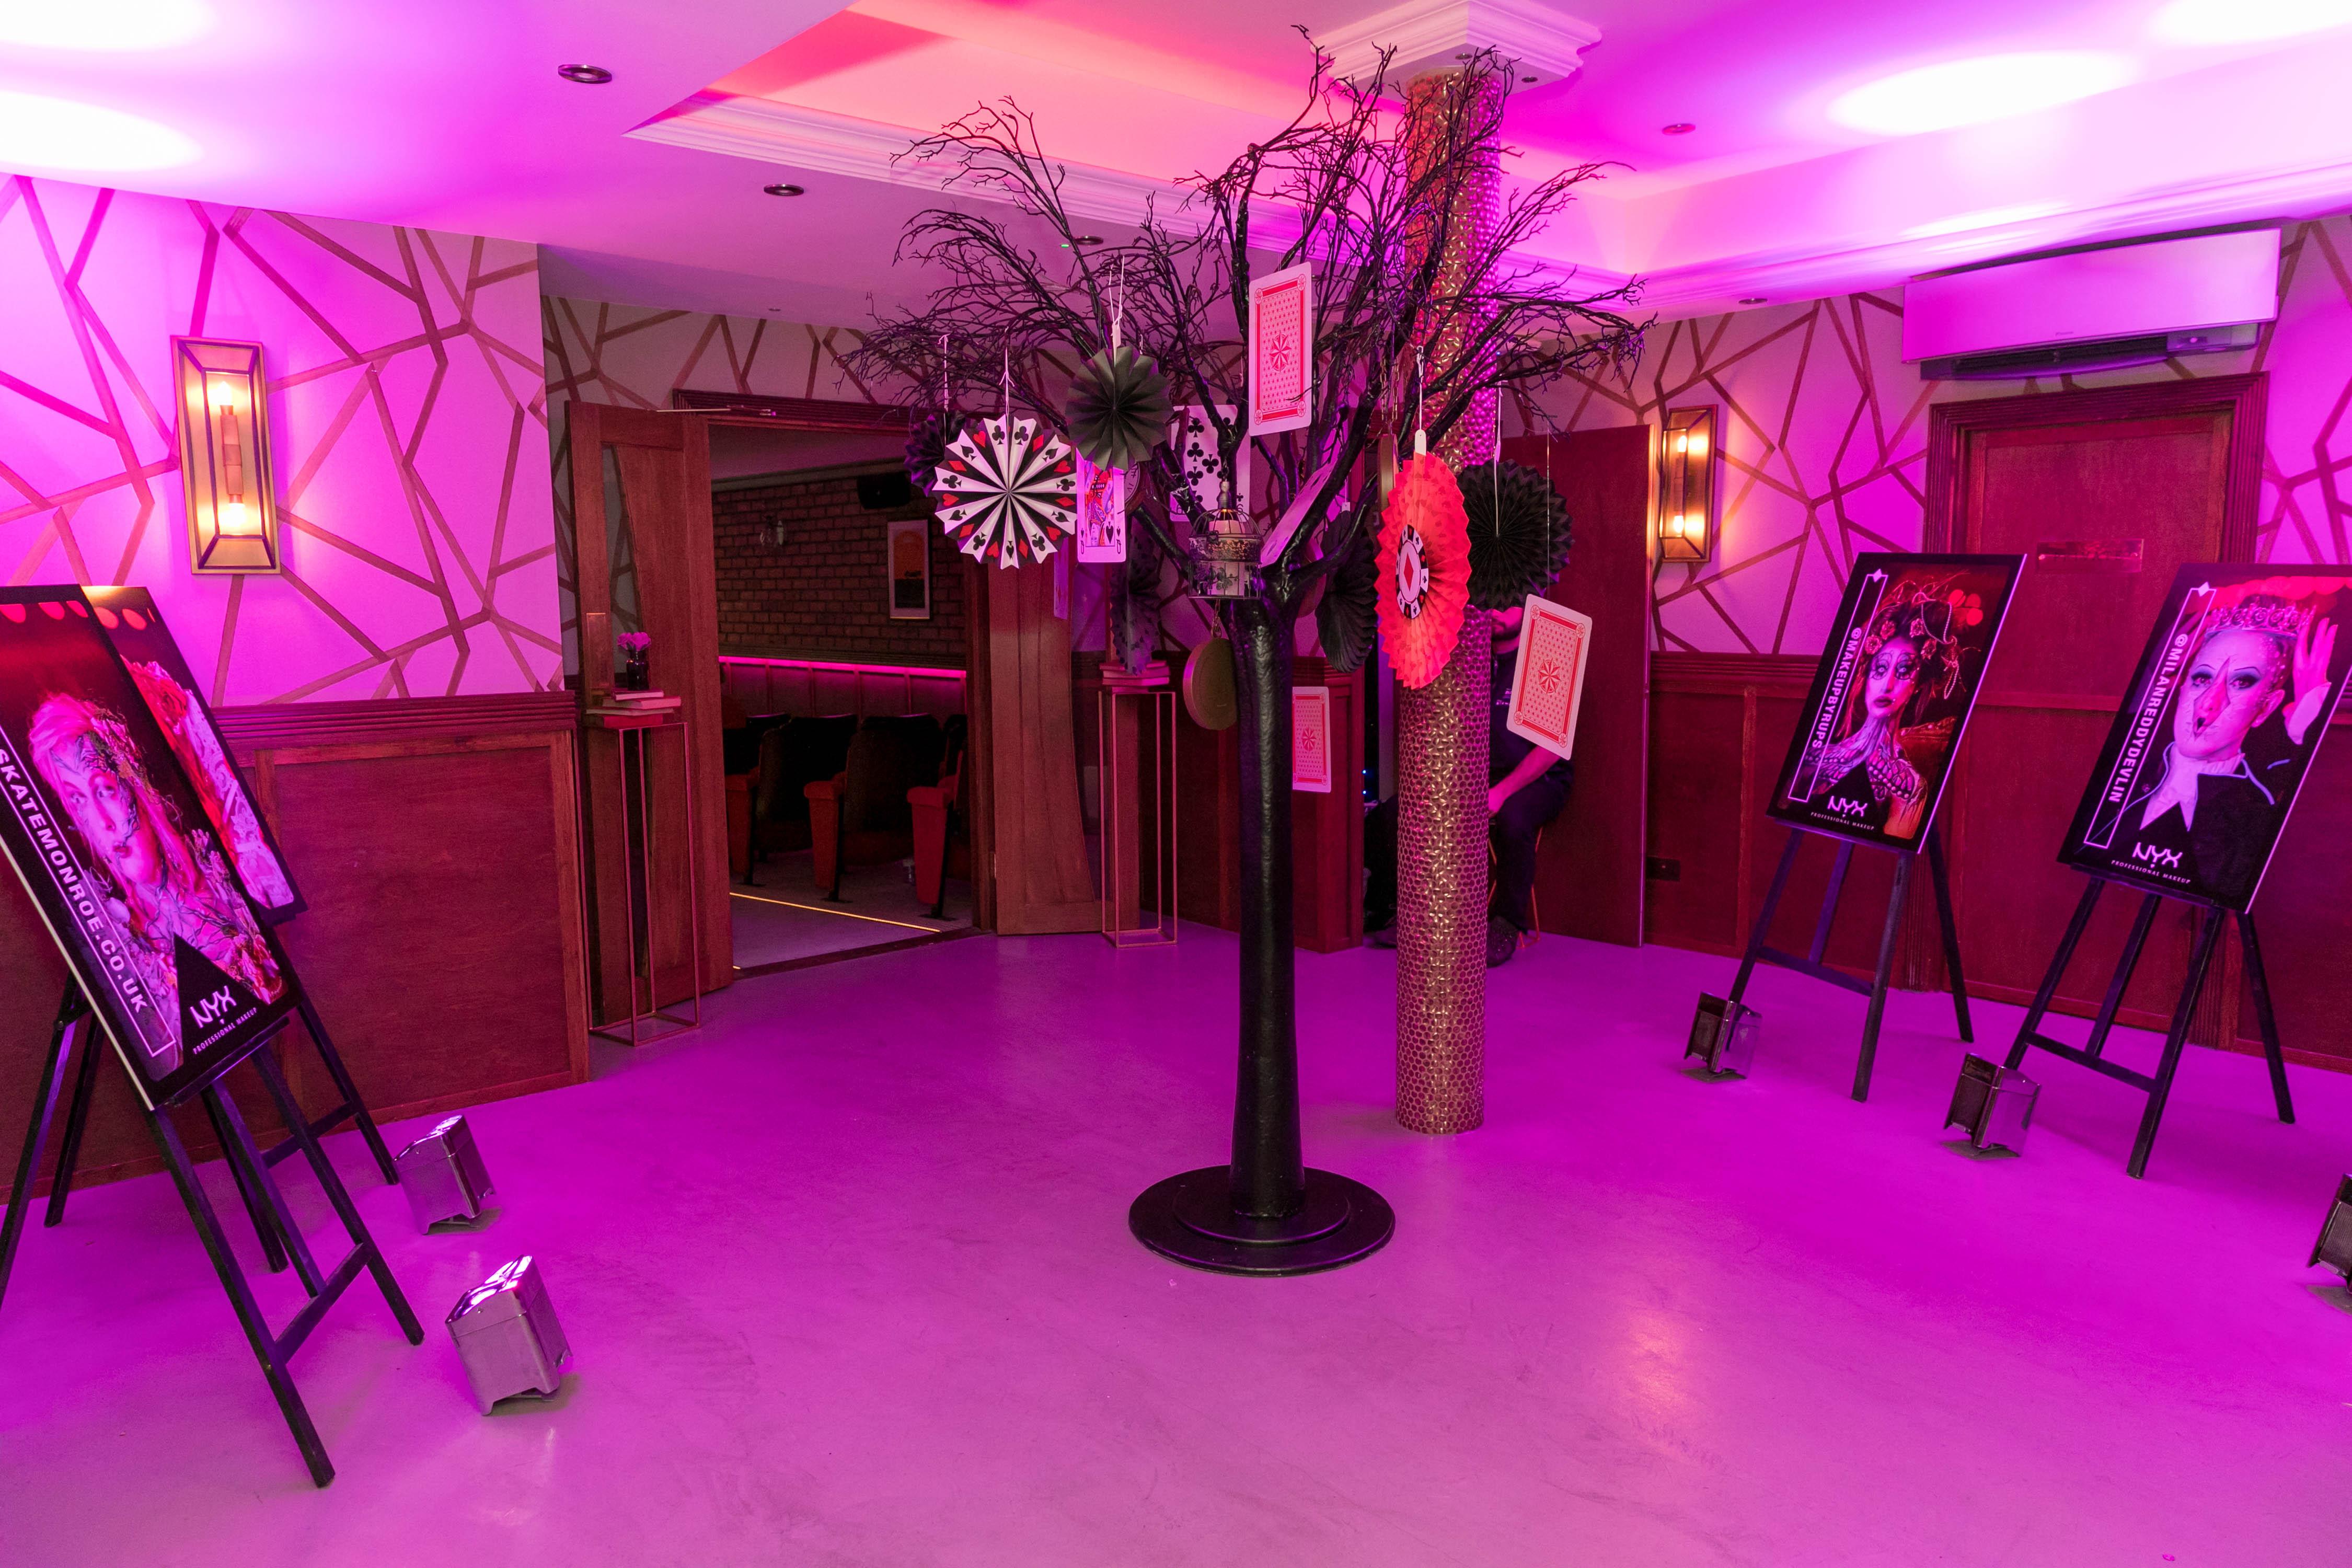 Product launch venue design